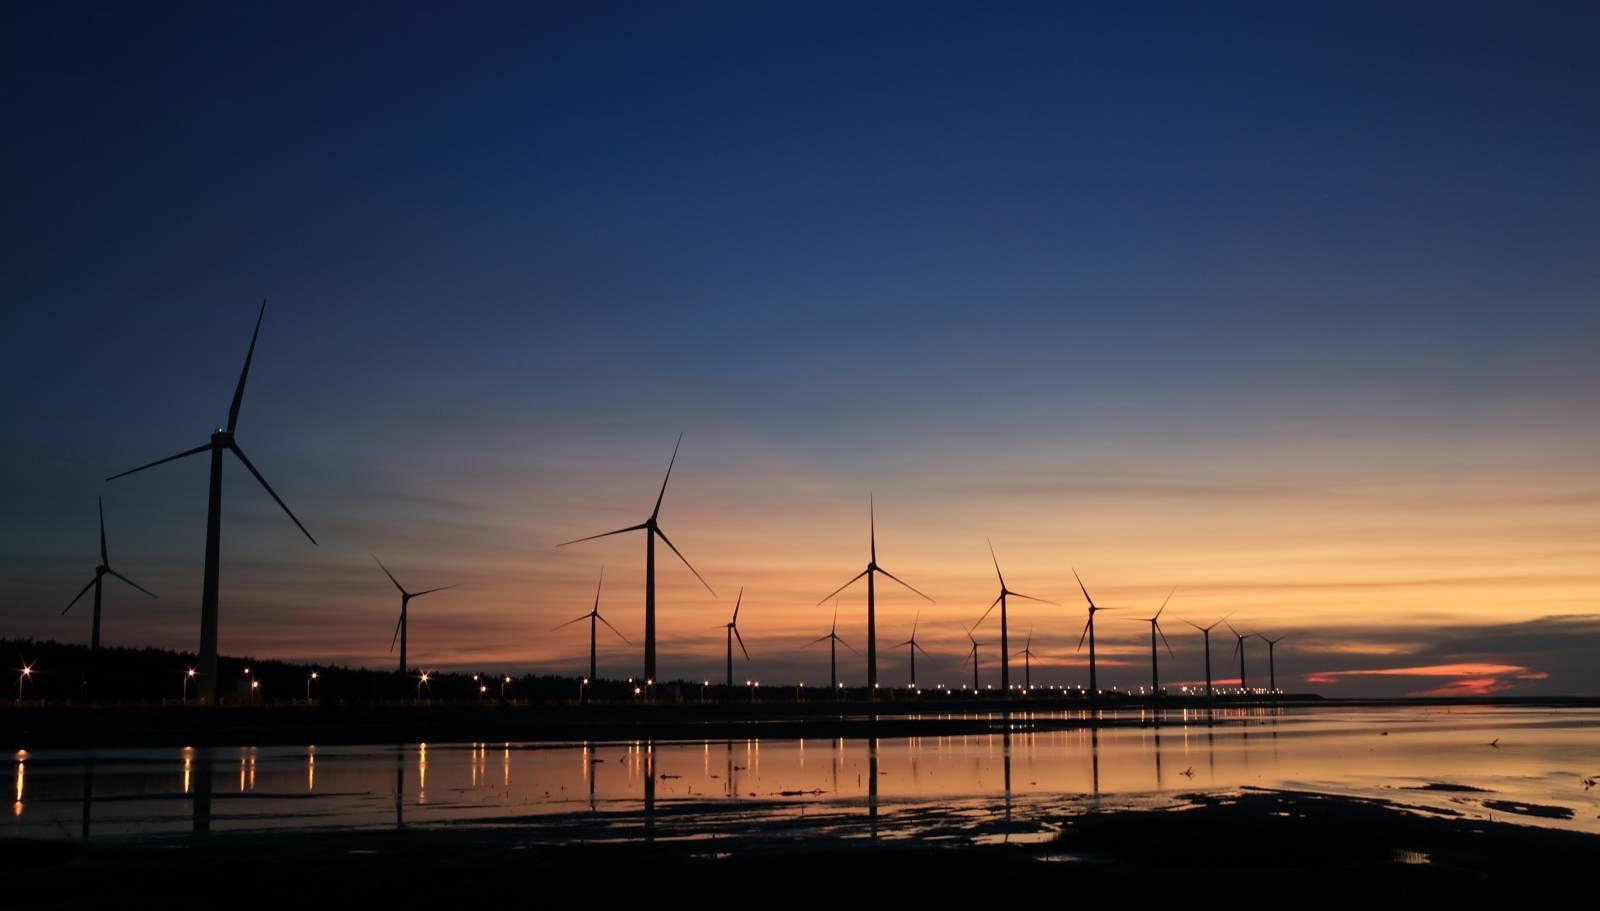 Vor welchen Herausforderungen steht die Energiestrategie Deutschlands?